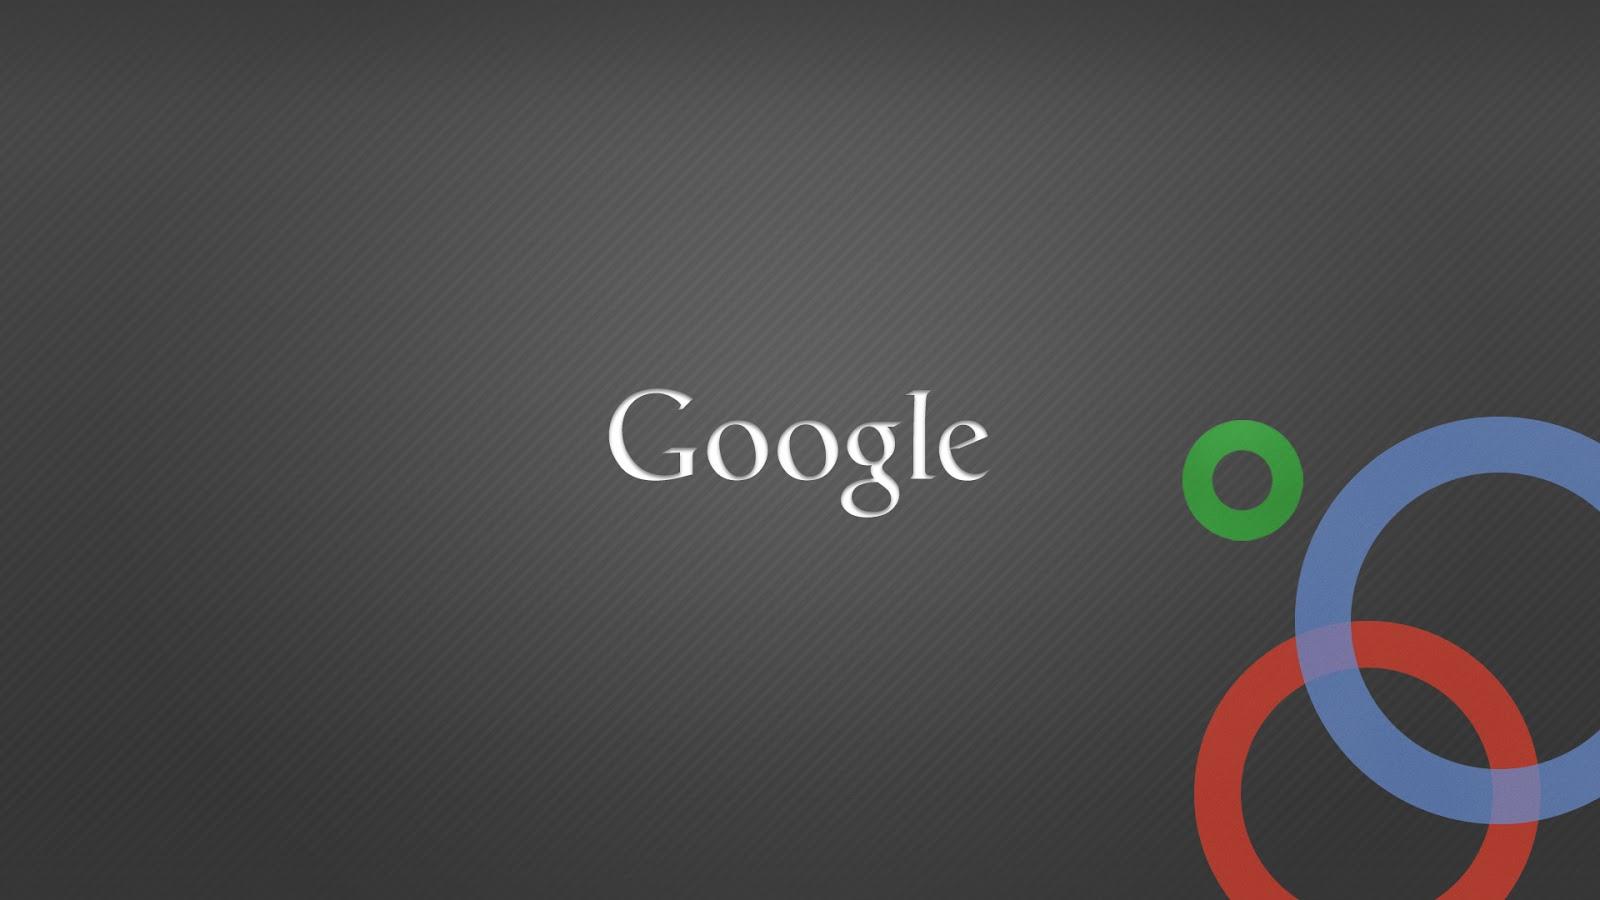 http://3.bp.blogspot.com/-ZhtvrzC9ZWM/UIUAzqte2jI/AAAAAAAAAu0/t7MgFWXmdnk/s1600/google_plus_wallpaper_by_thedeleteduser-d3rq011.jpg